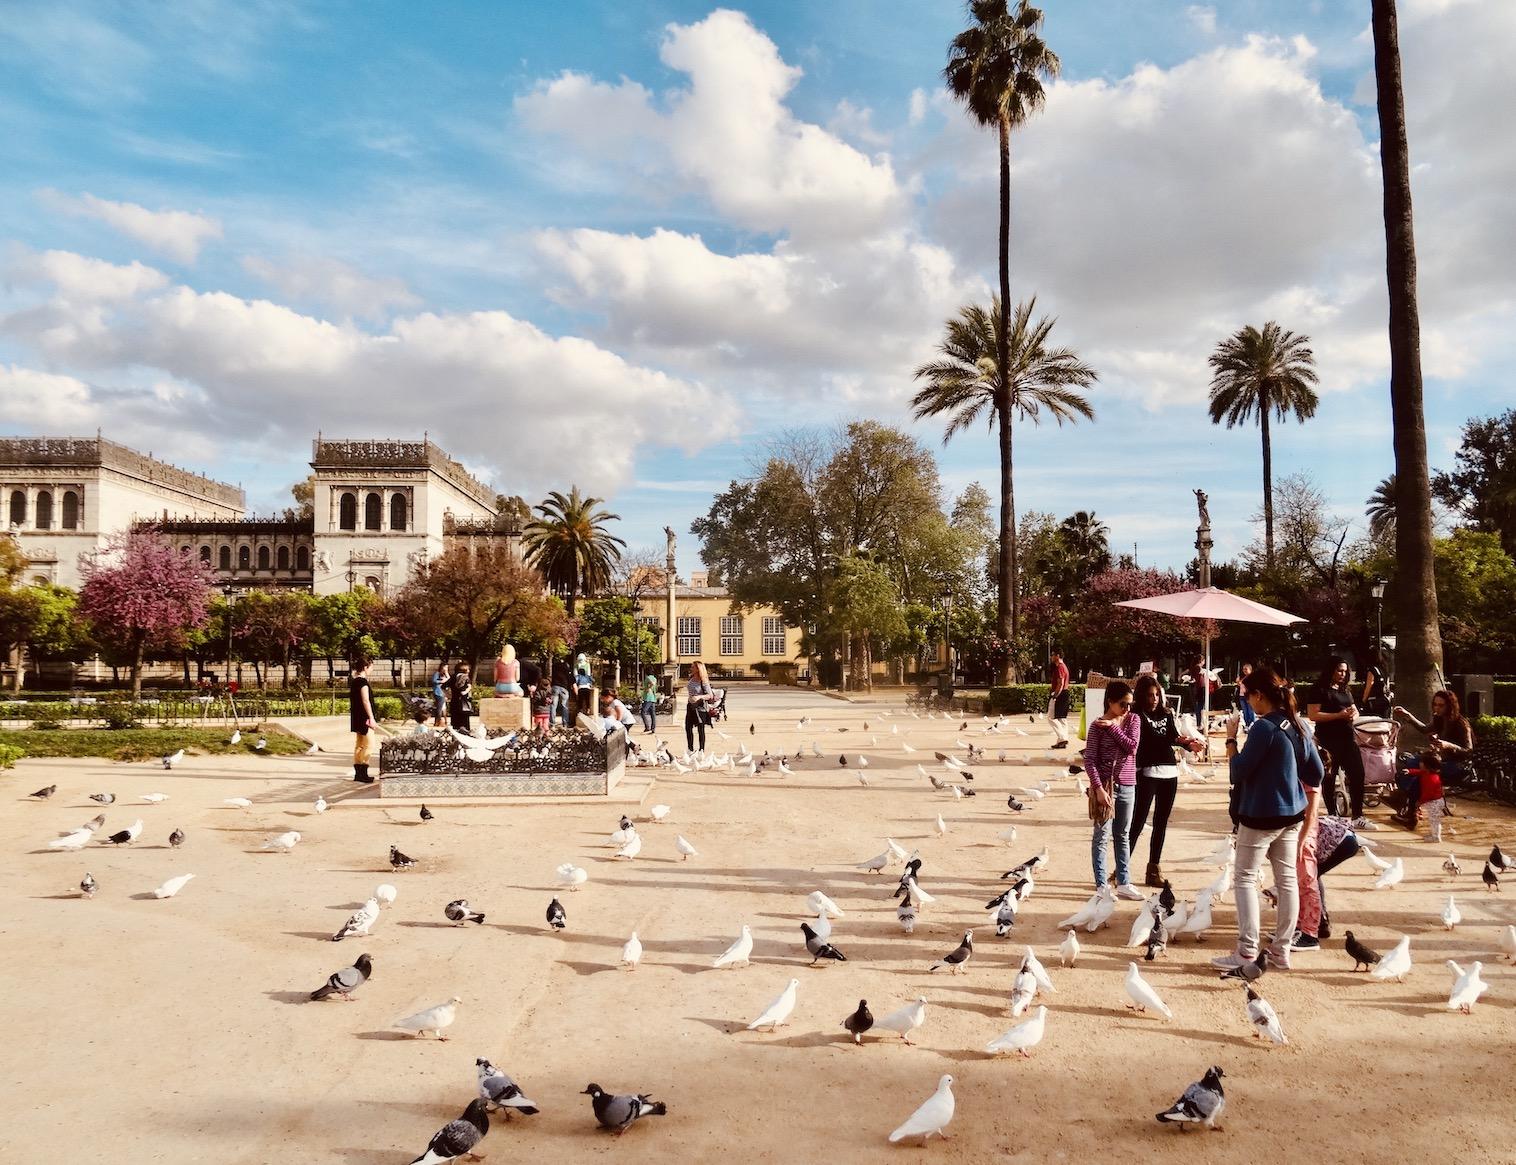 Plaza de America Seville.